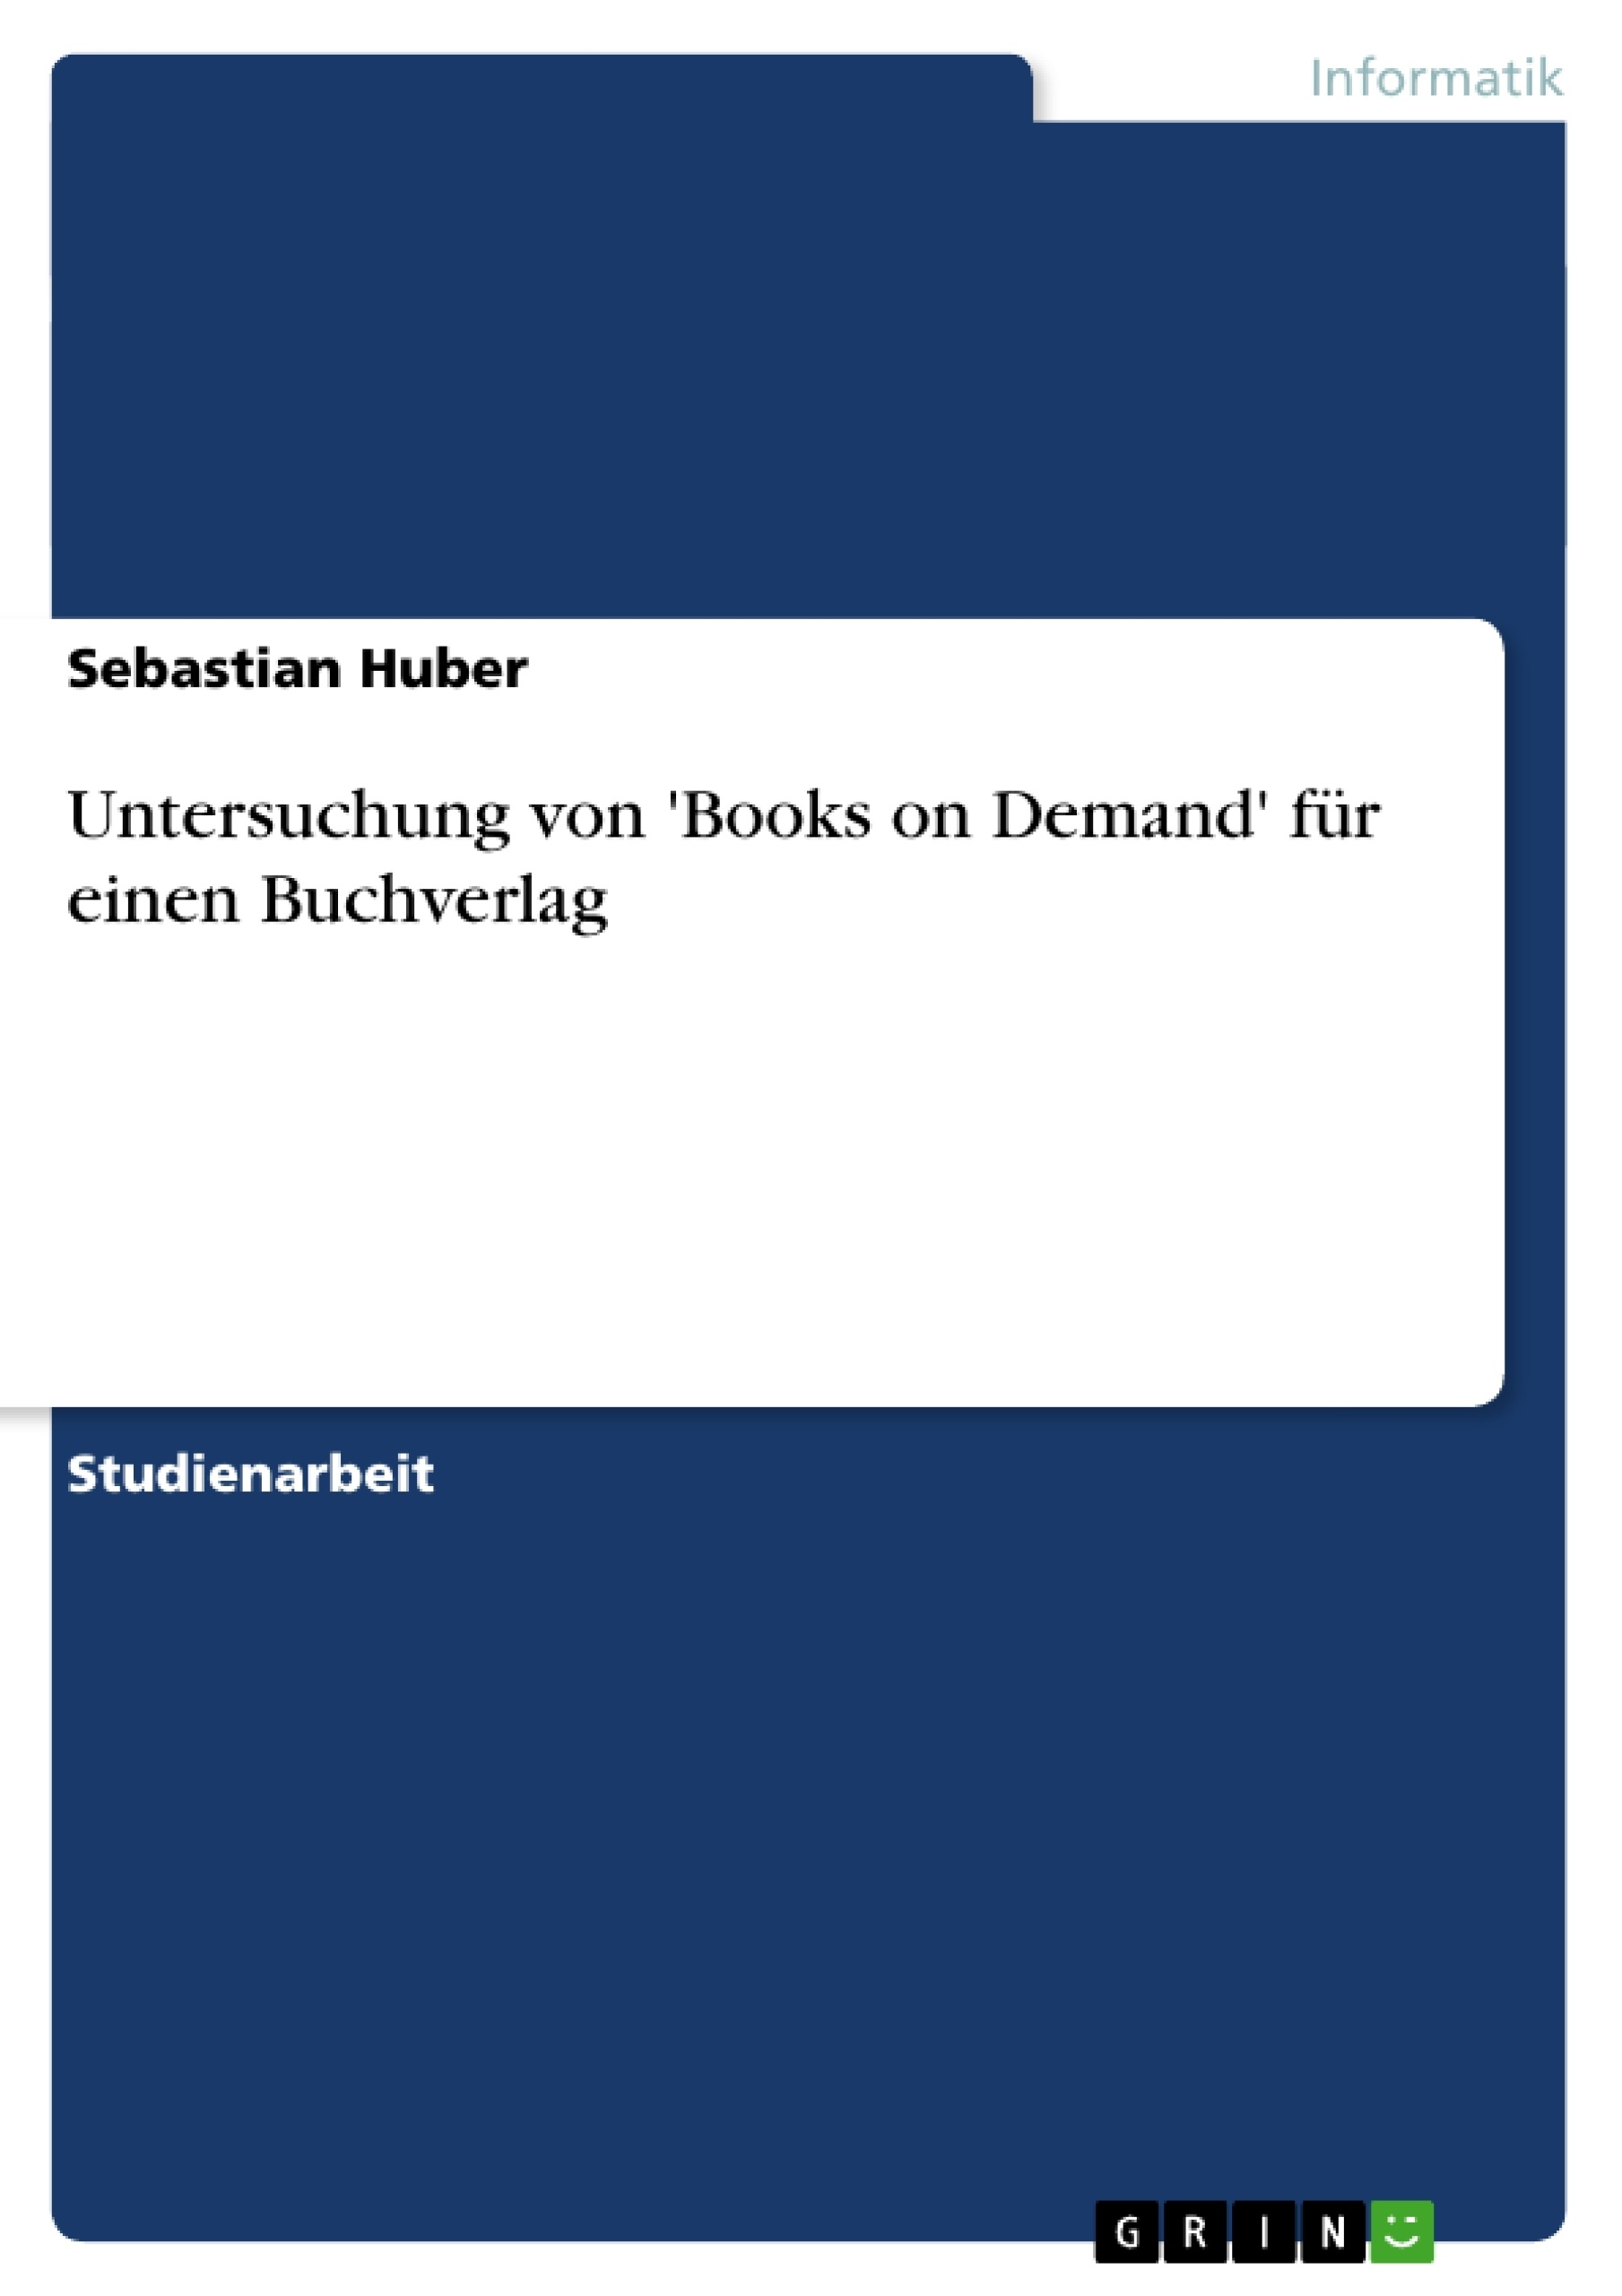 Titel: Untersuchung von 'Books on Demand' für einen Buchverlag